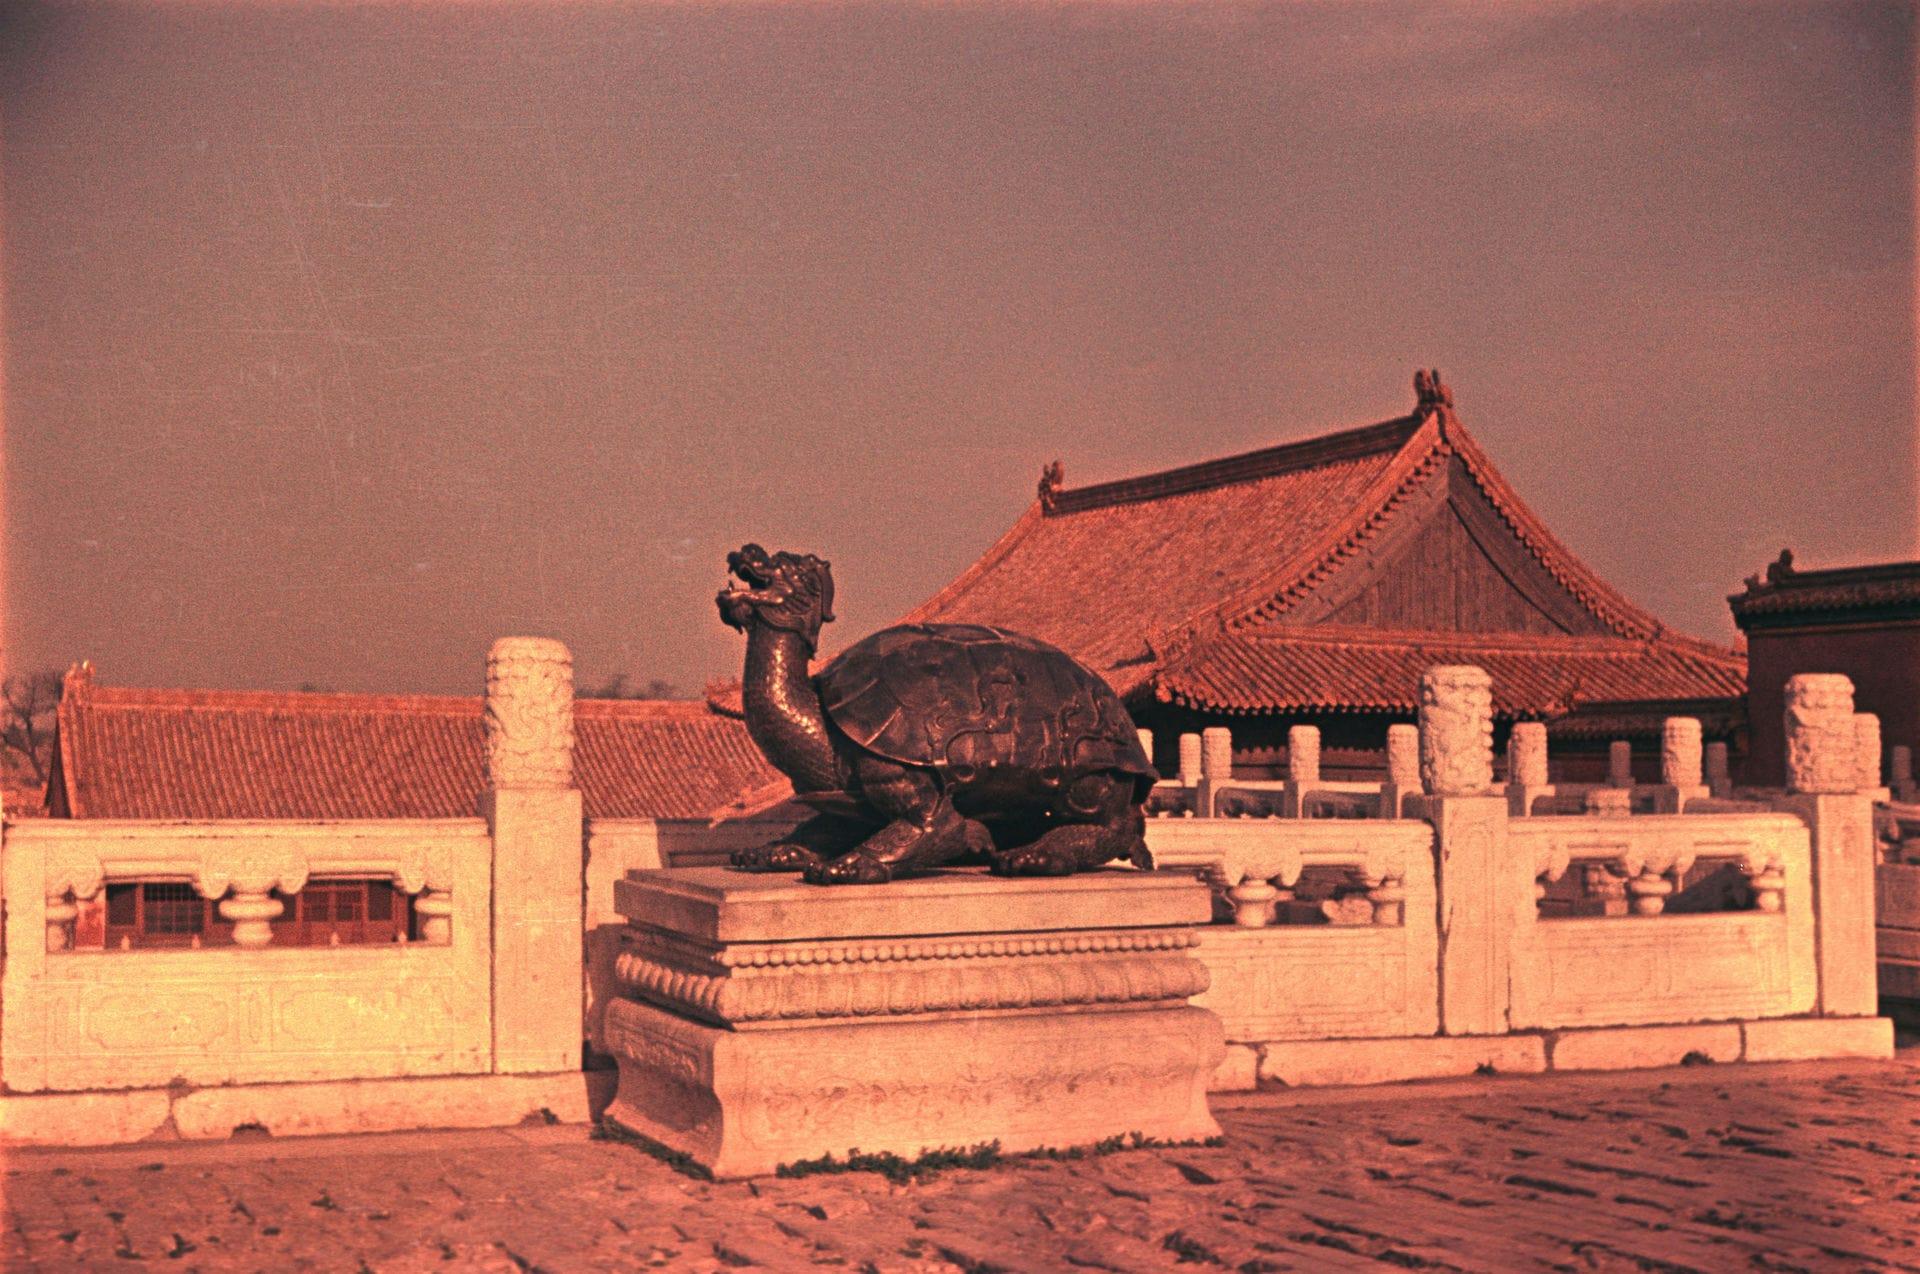 Экспонат #26. Статуя драконьей черепахи (Lóngguī) в Запретном городе. Пекин. 1 октября 1949 года